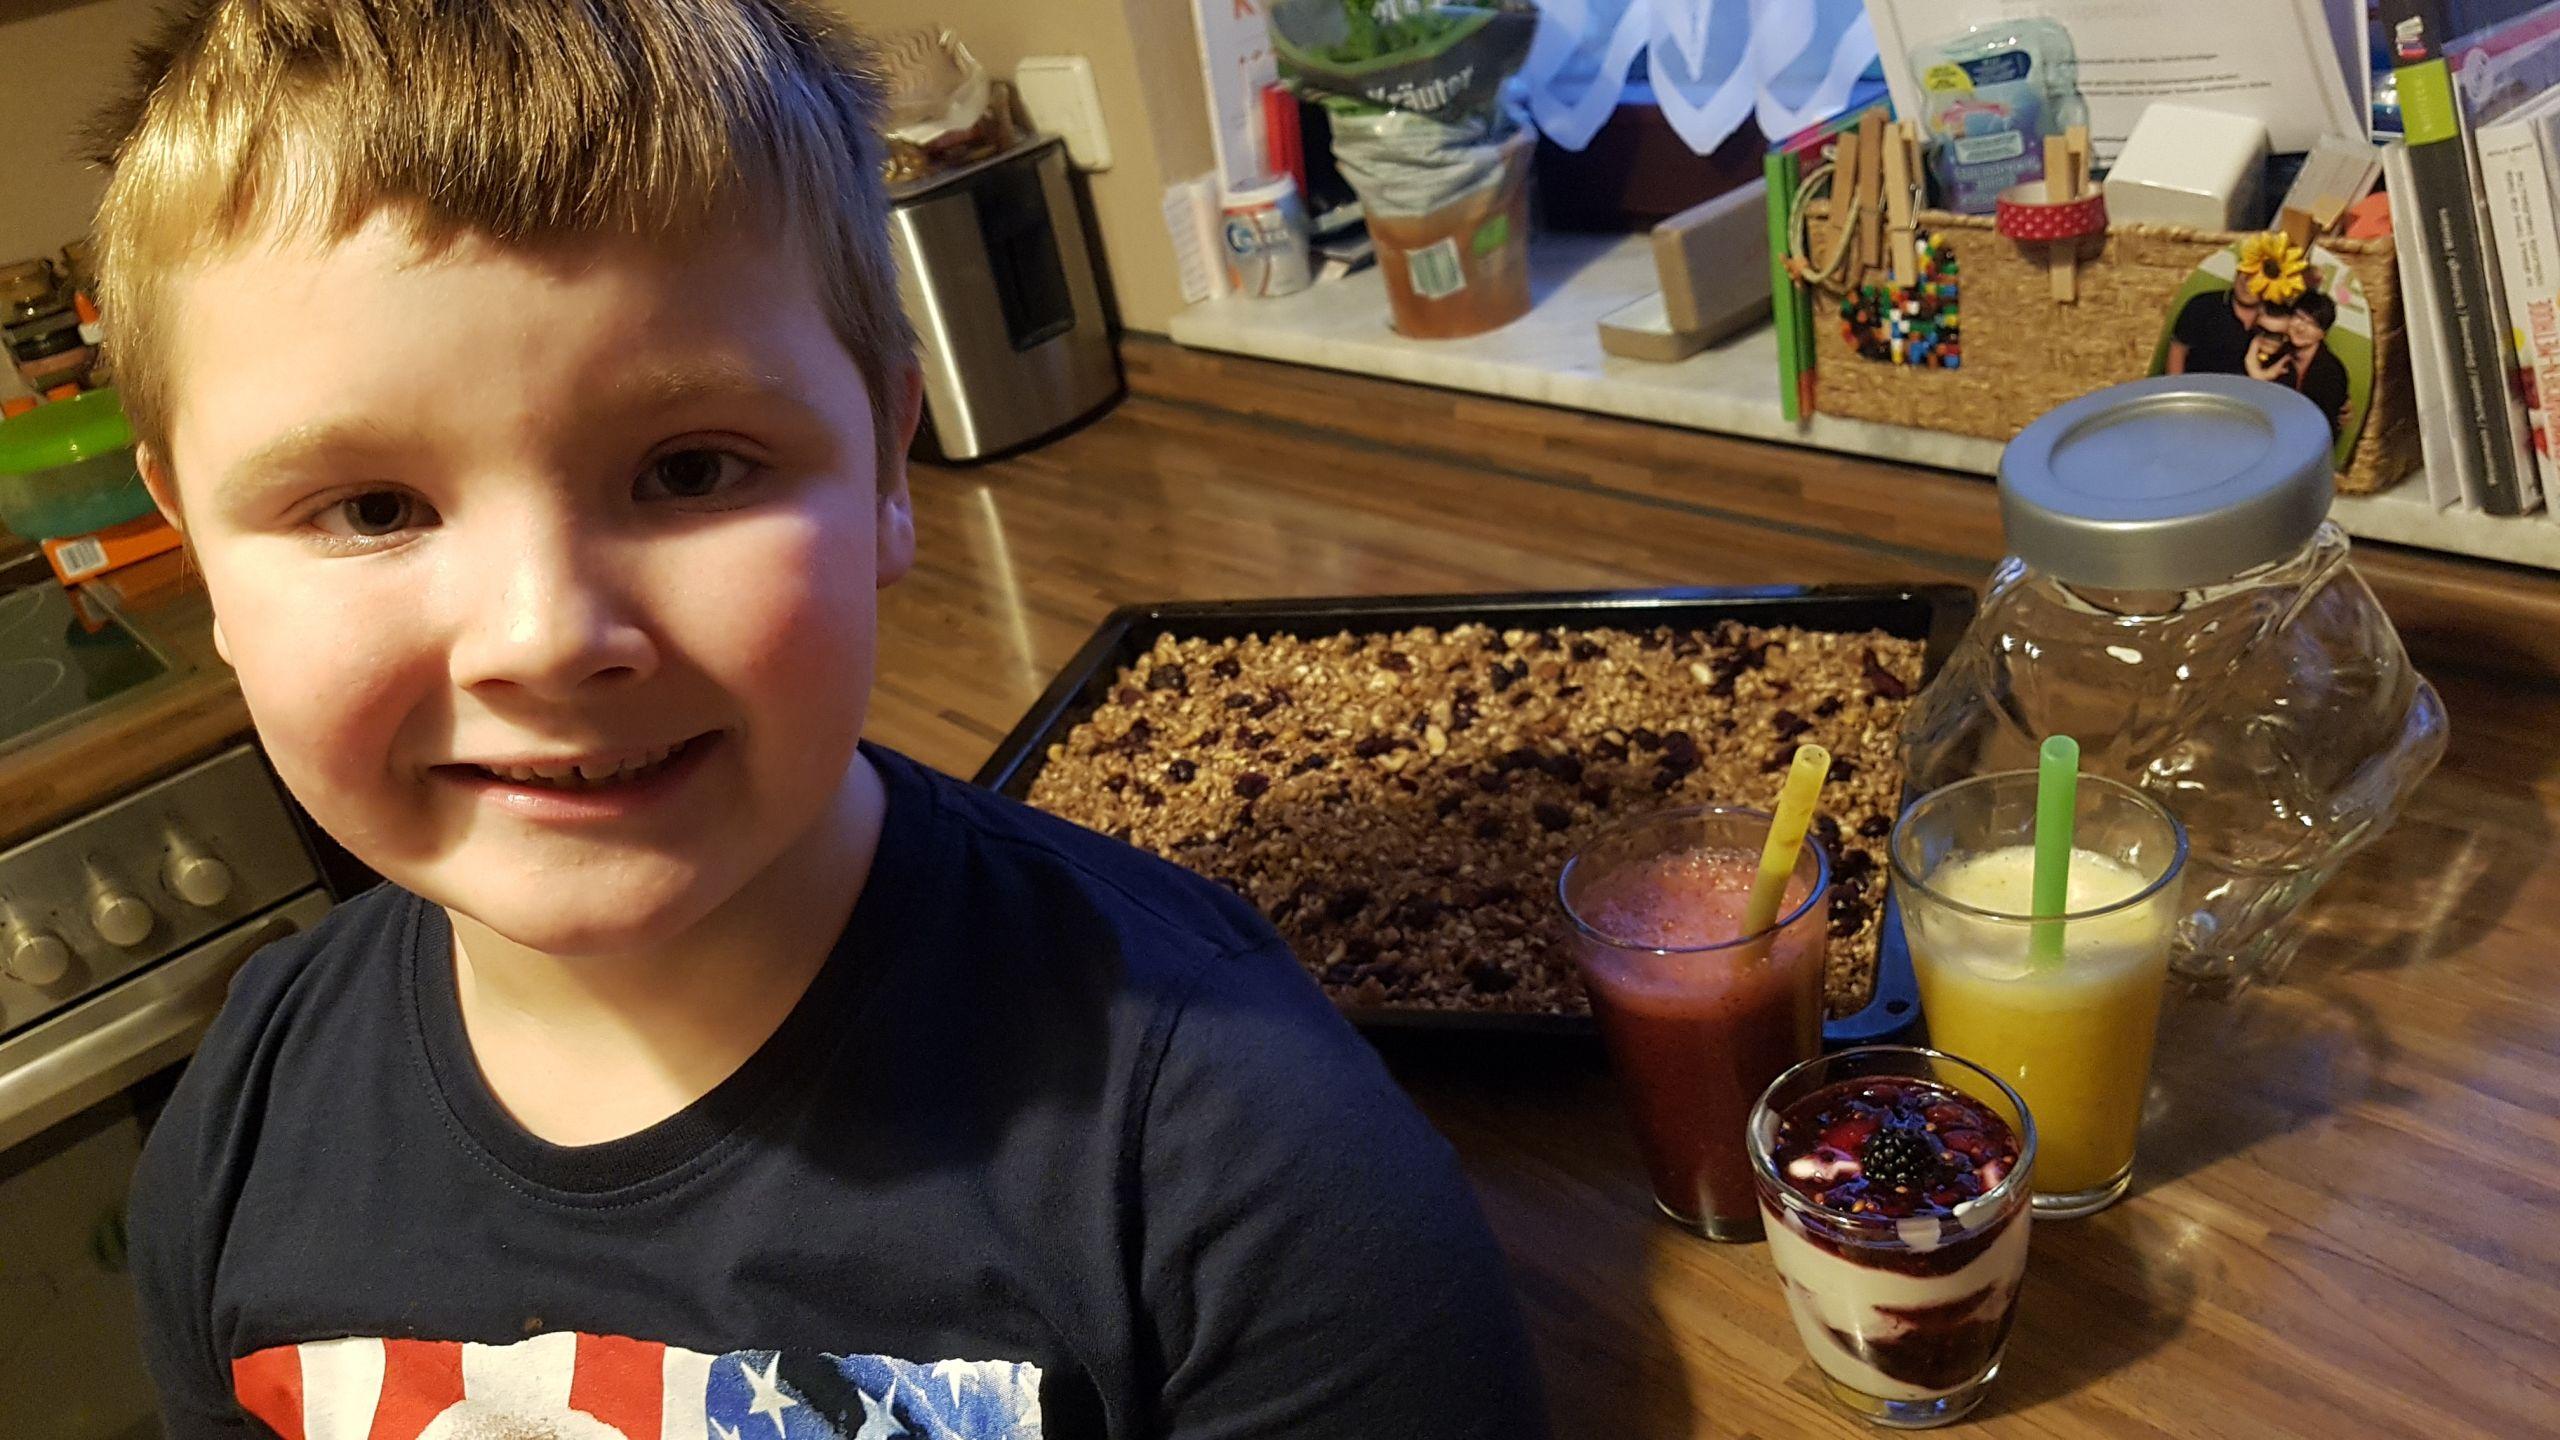 Gesundes Frühstück für Kids das schmeckt